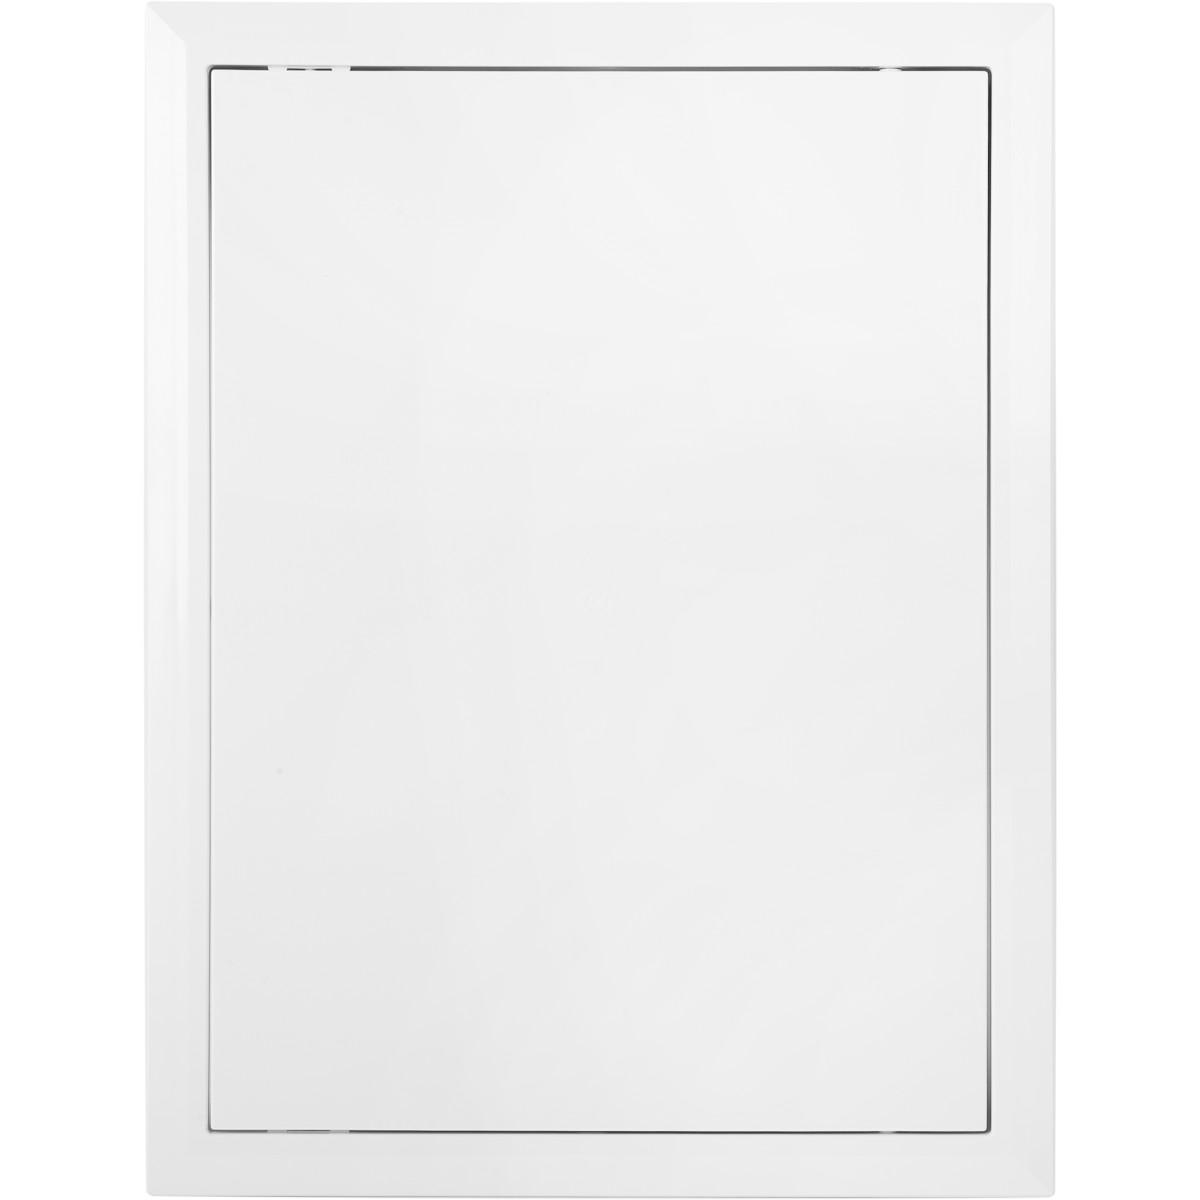 Люк ревизионный Вентс 30х40 см цвет белый